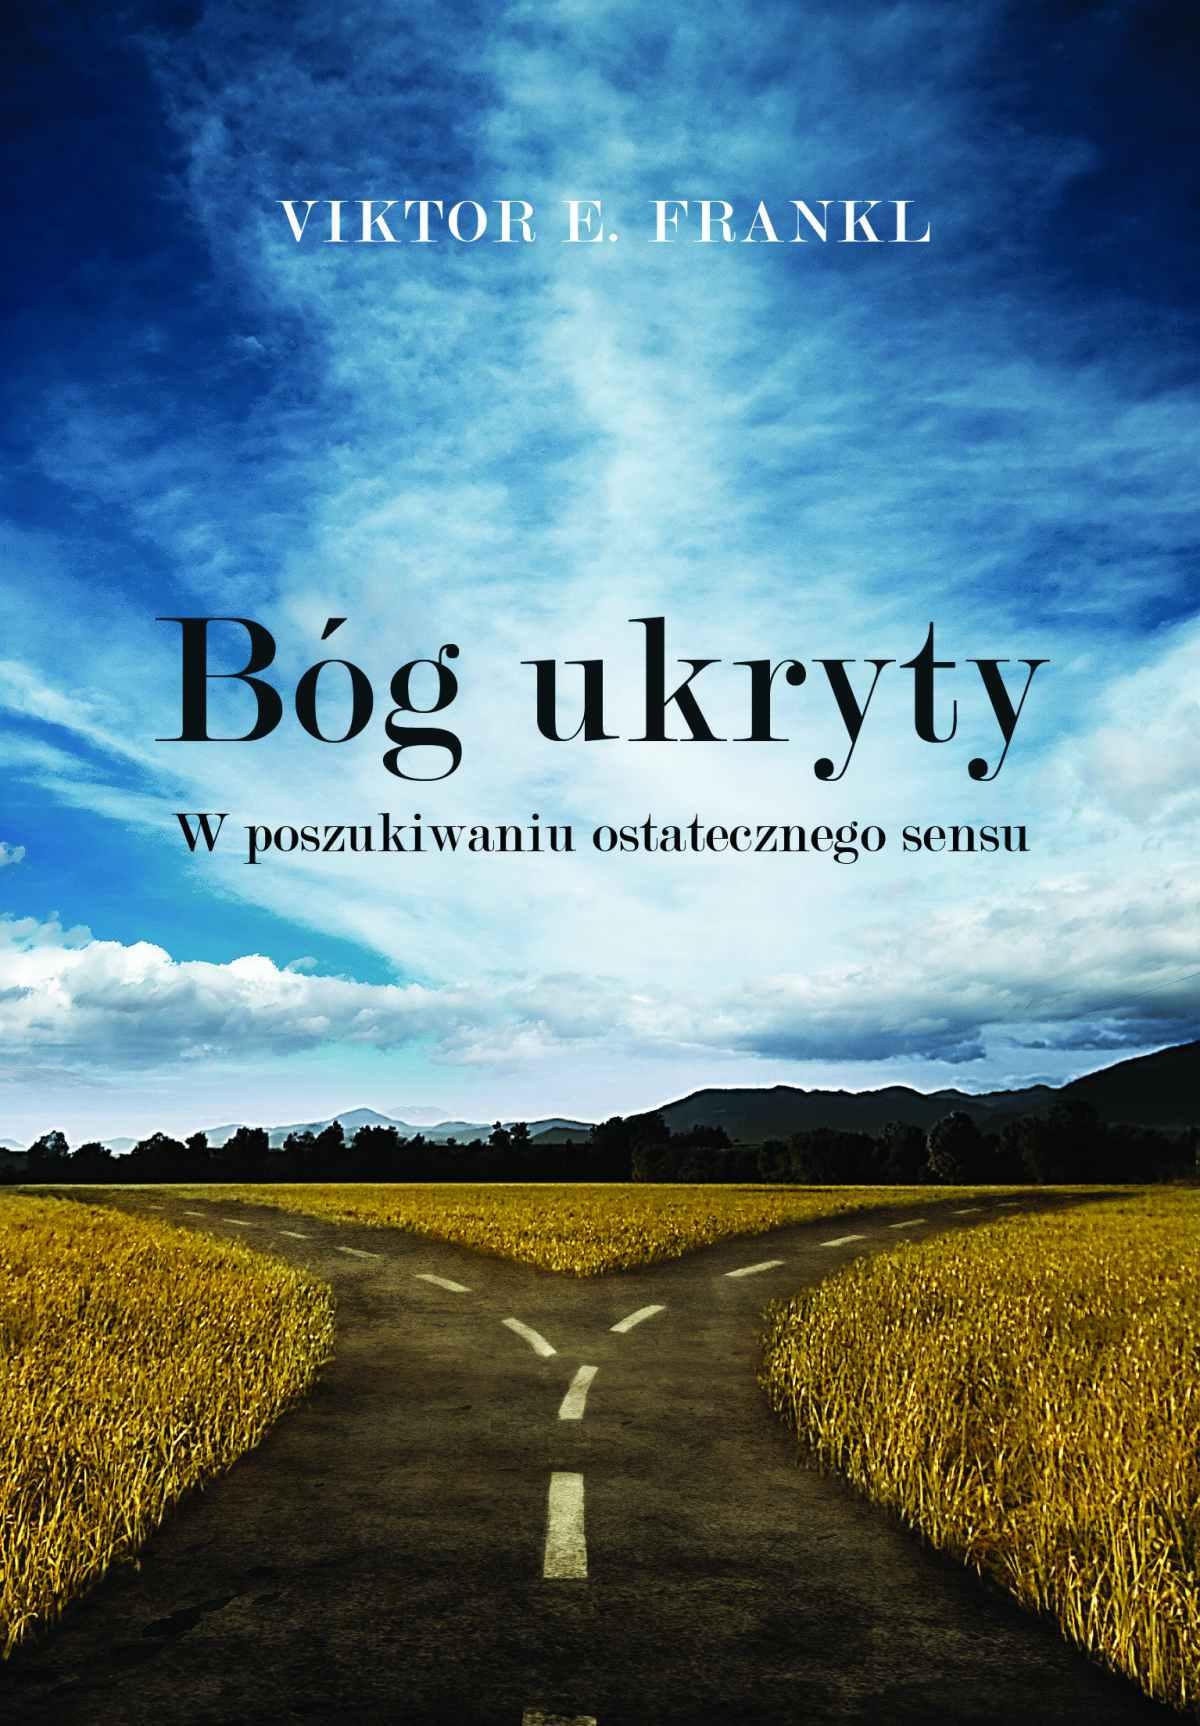 Bóg ukryty - Ebook (Książka na Kindle) do pobrania w formacie MOBI